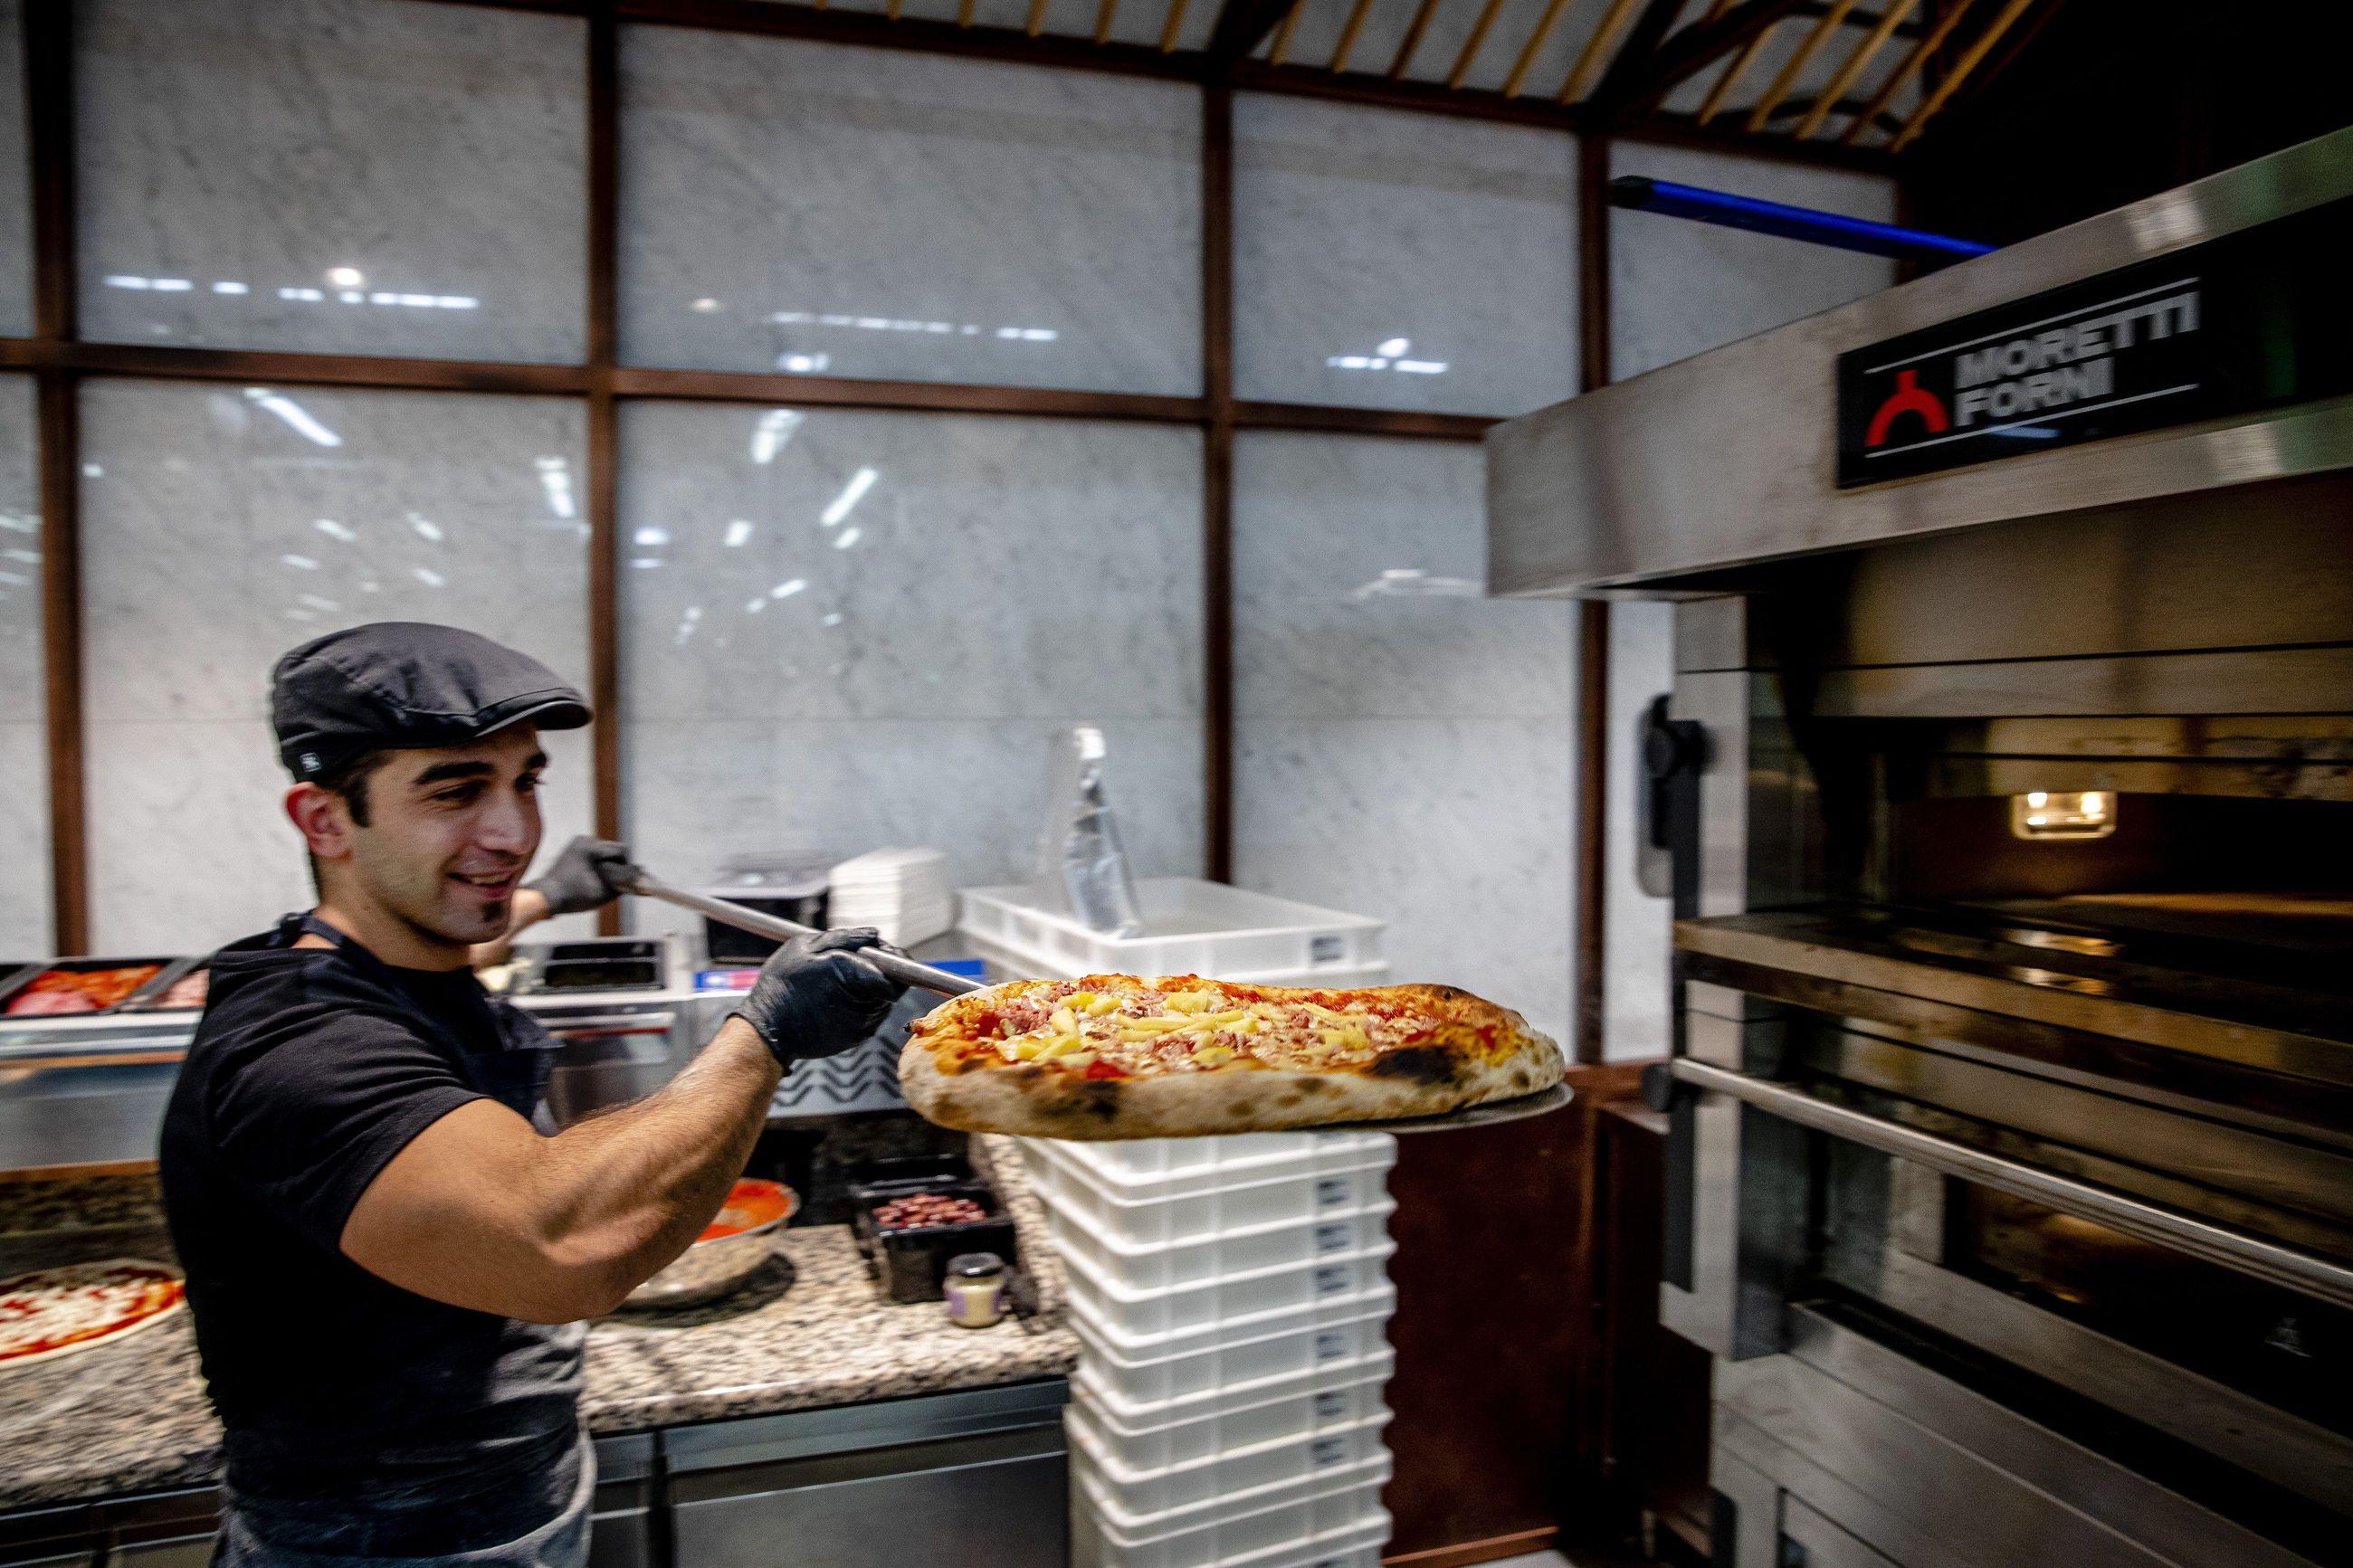 Kaleva Pizzeria